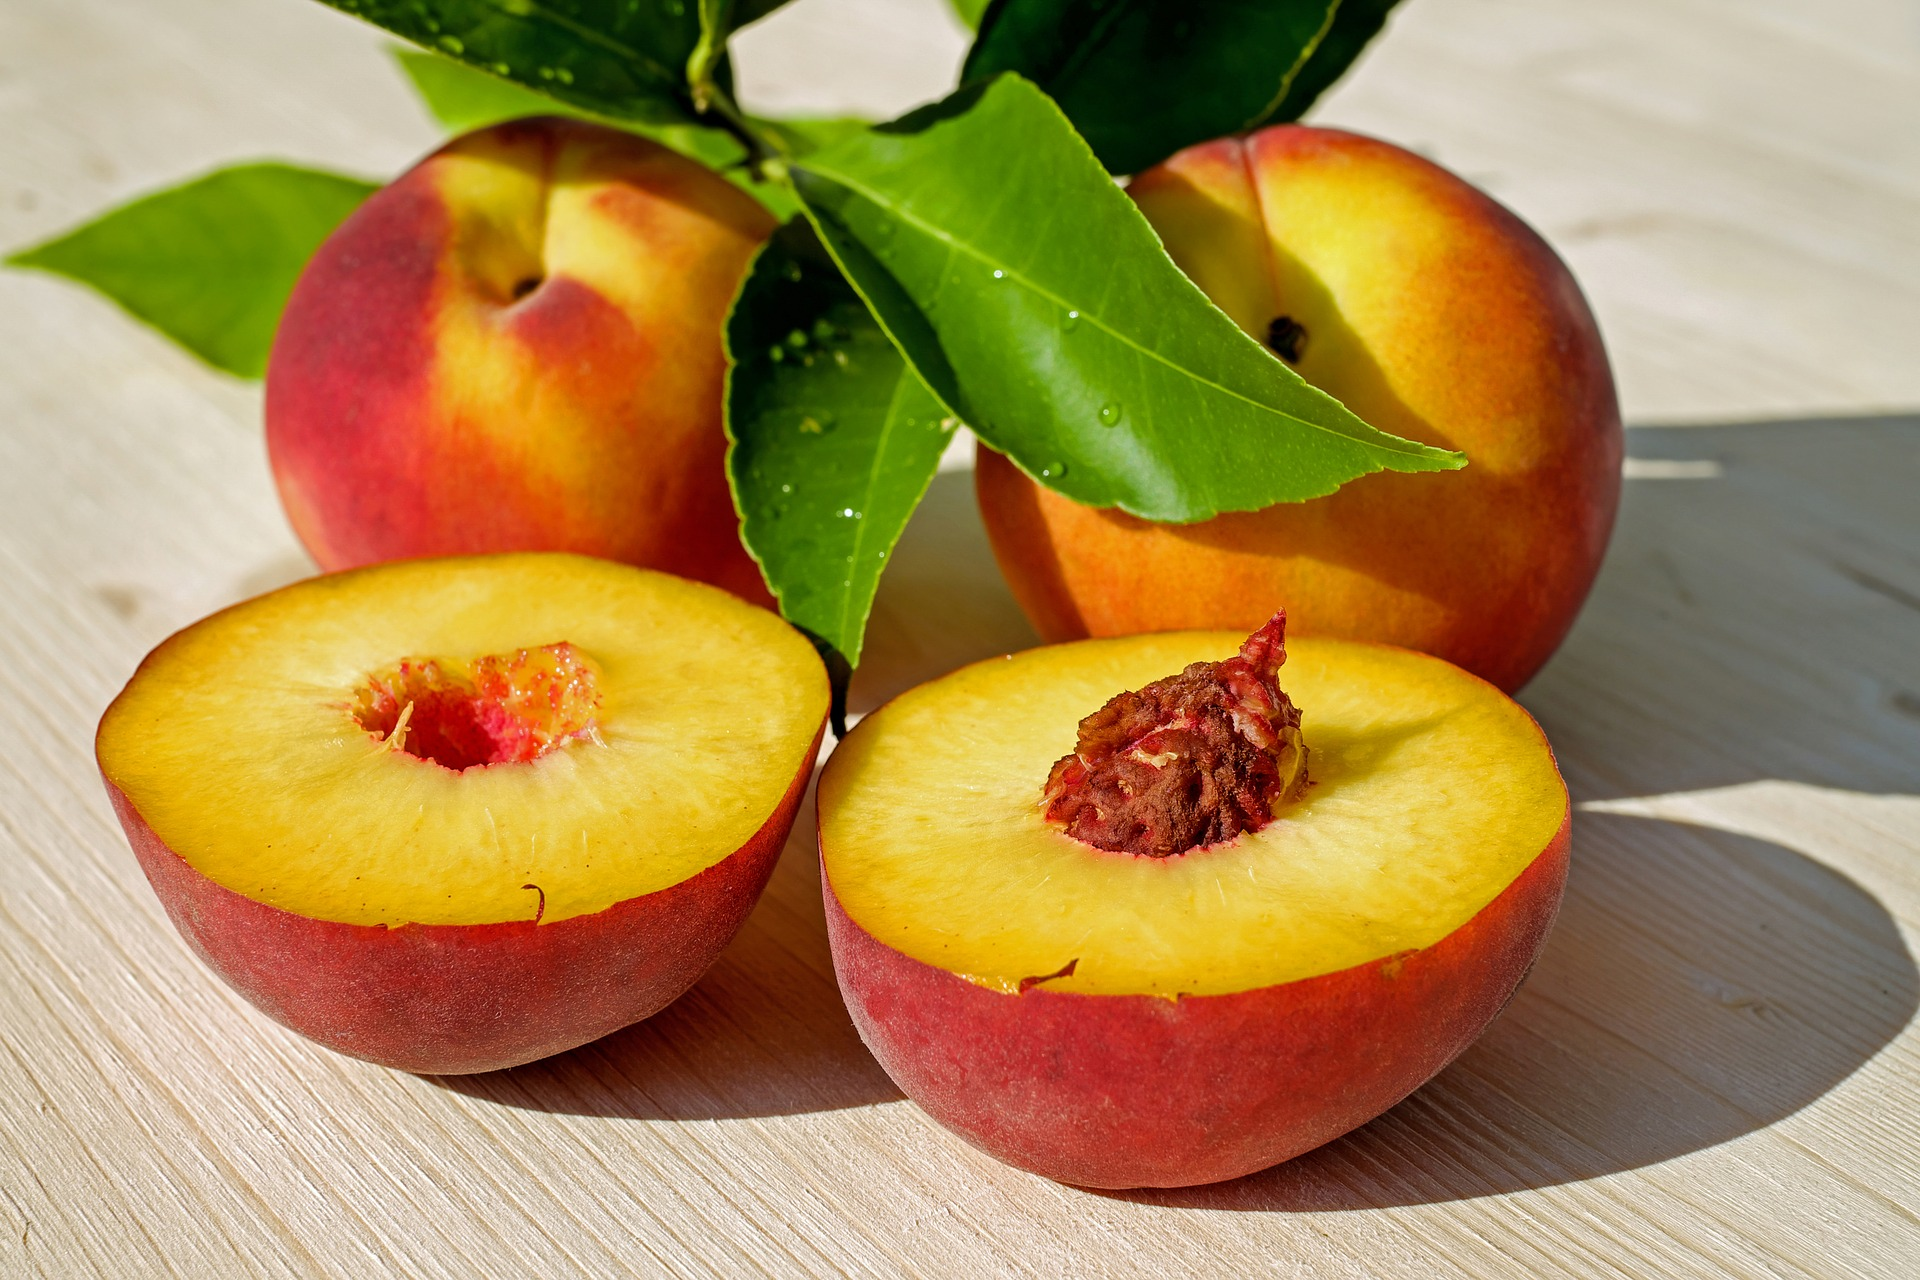 peach-2573836_1920.jpg